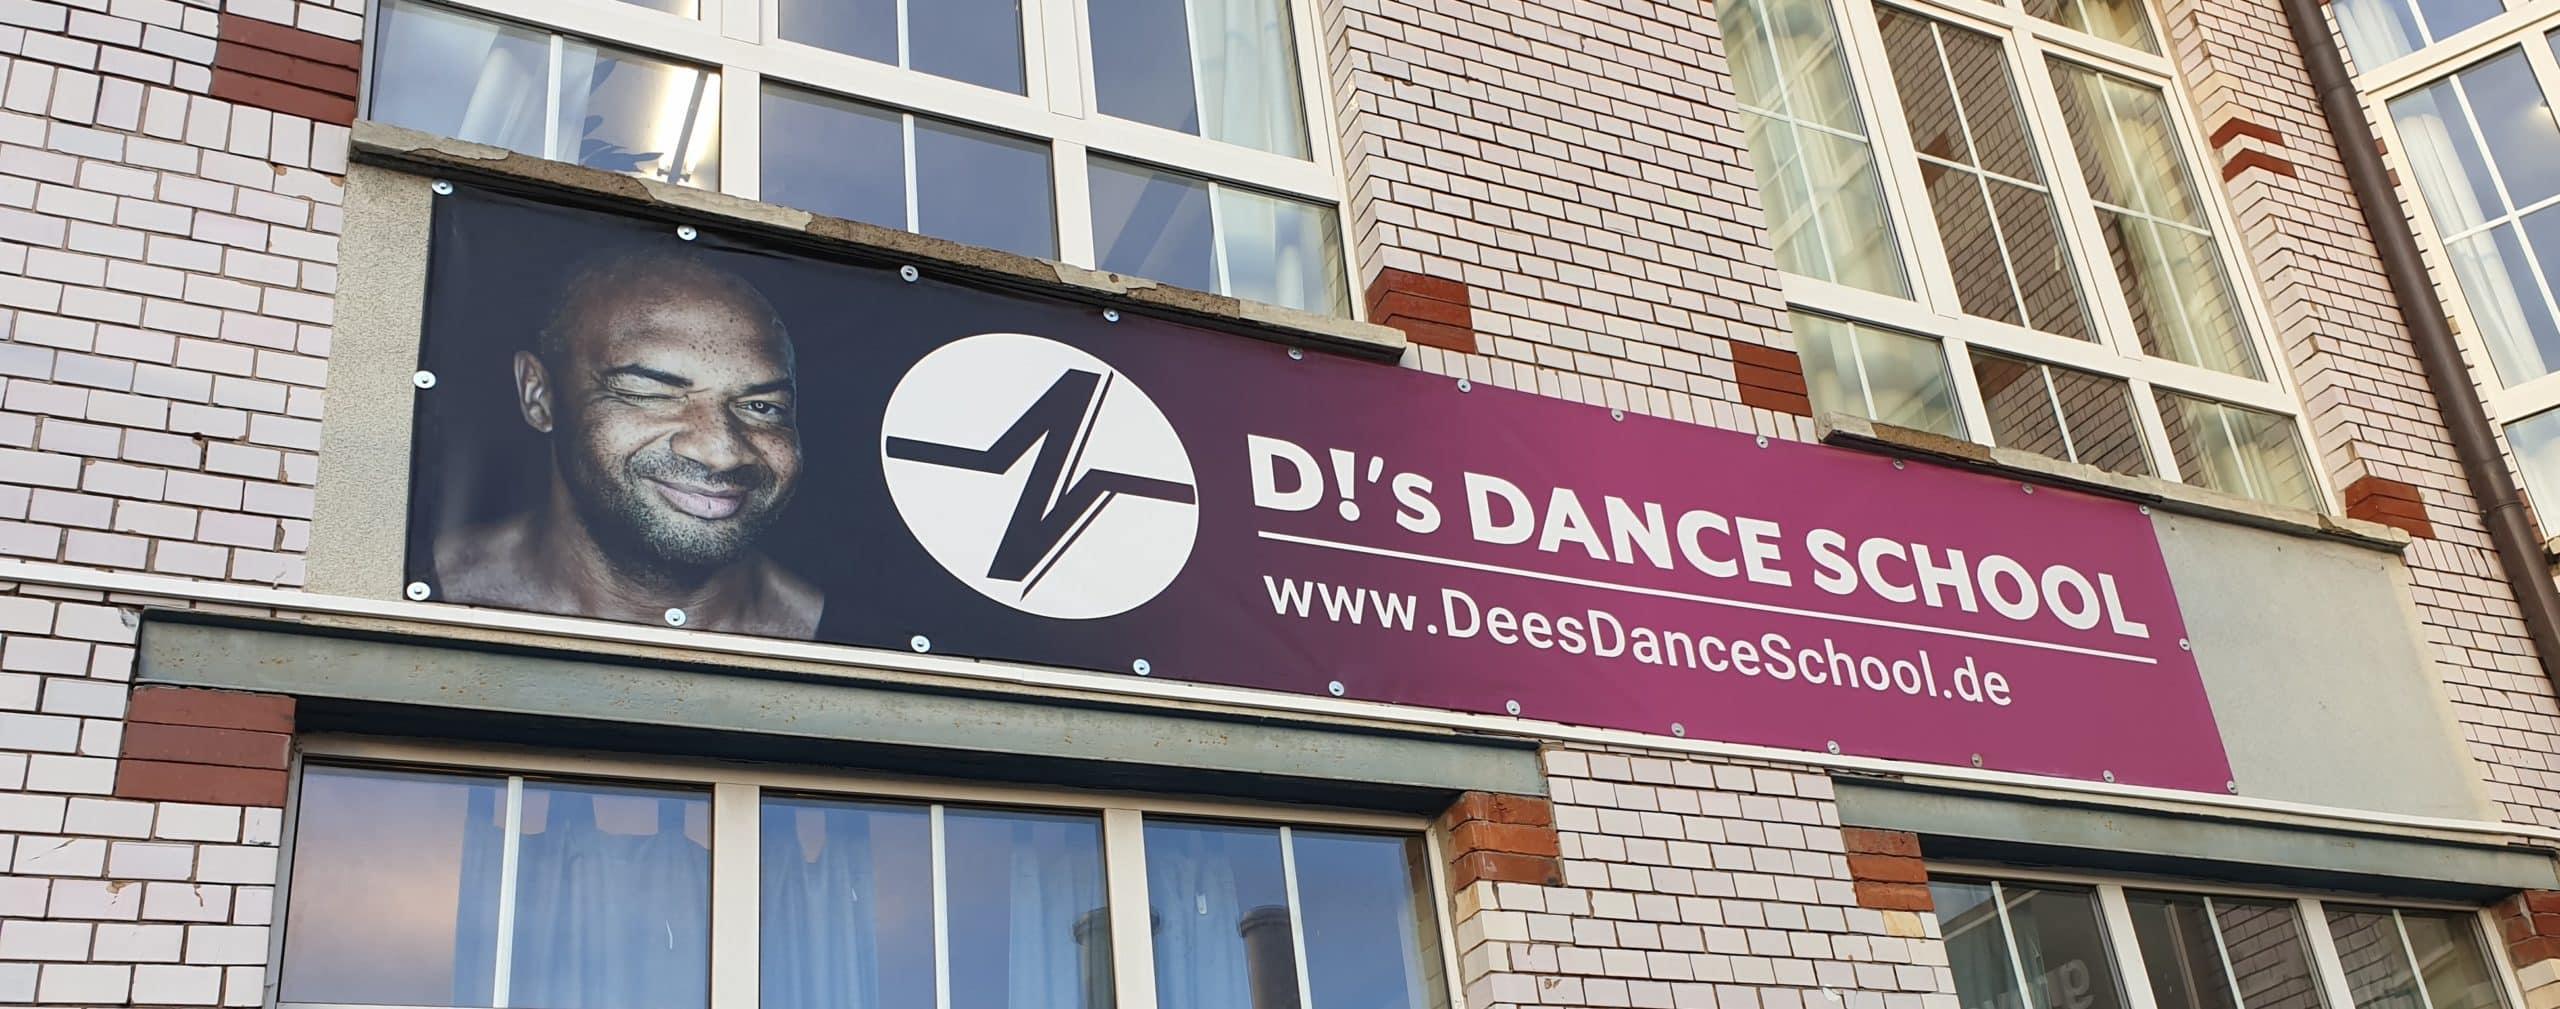 DeesDanceSchool PVC Banner